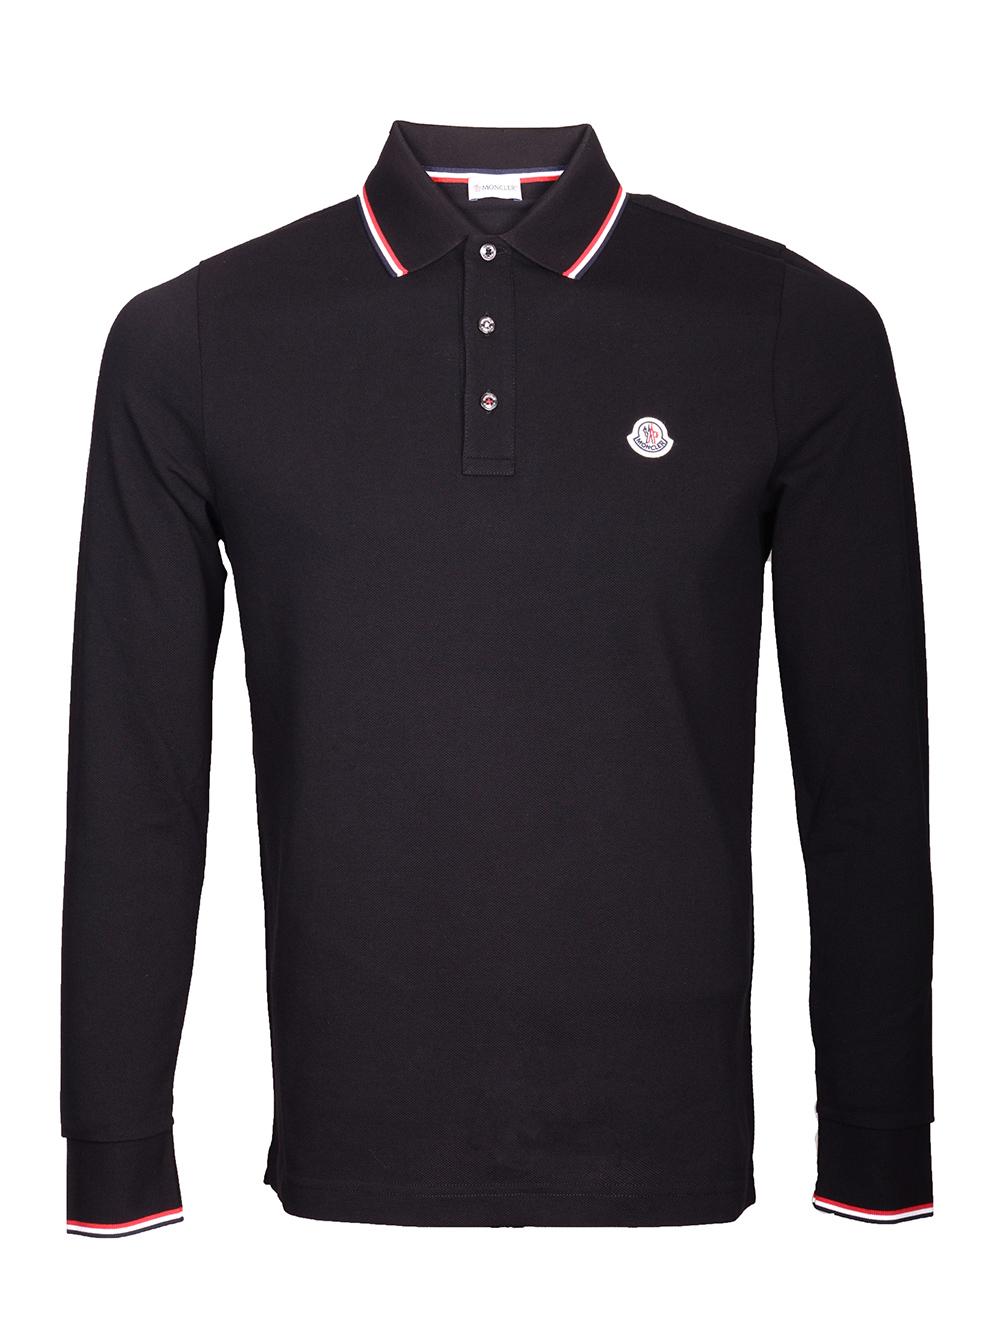 MONCLER Μπλούζα Polo E2-091-83480008 4556 ΜΑΥΡΟ